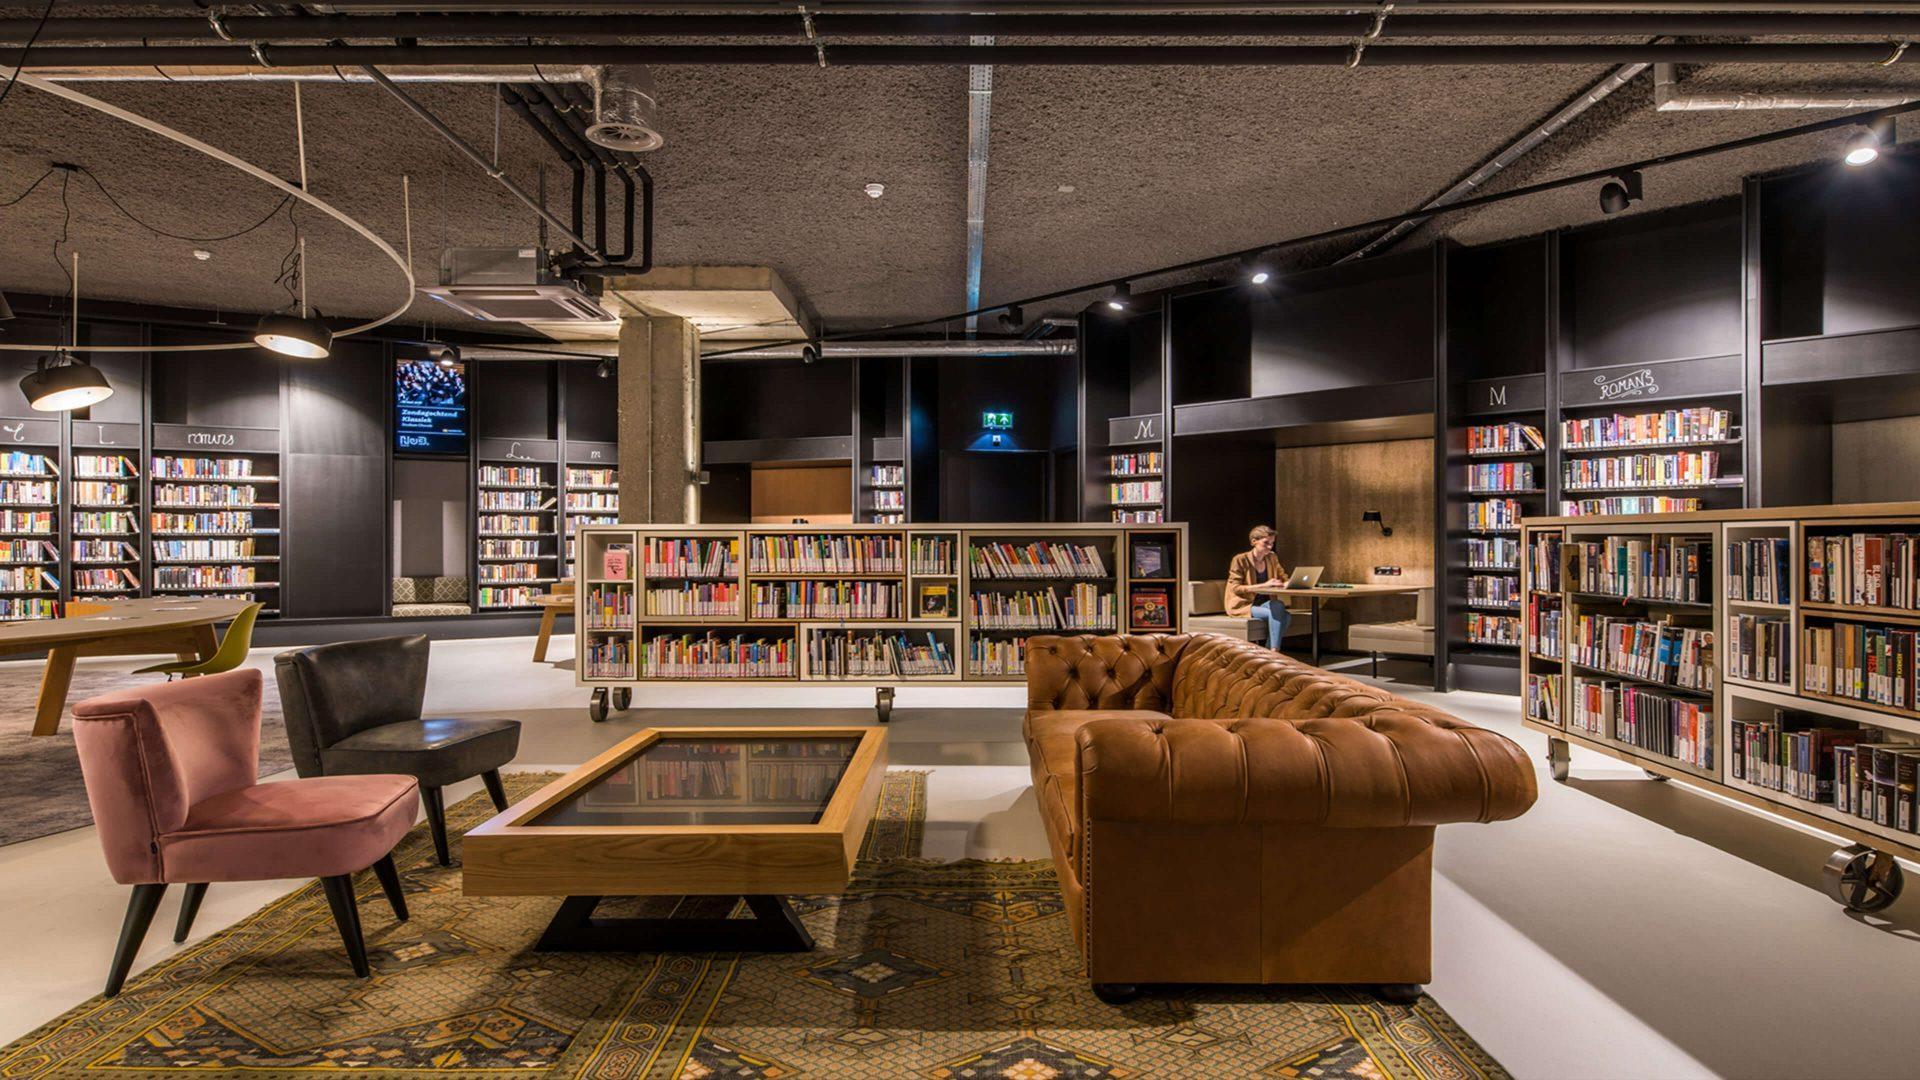 Aatvos_HUB-Kerkrade-social-library-design14